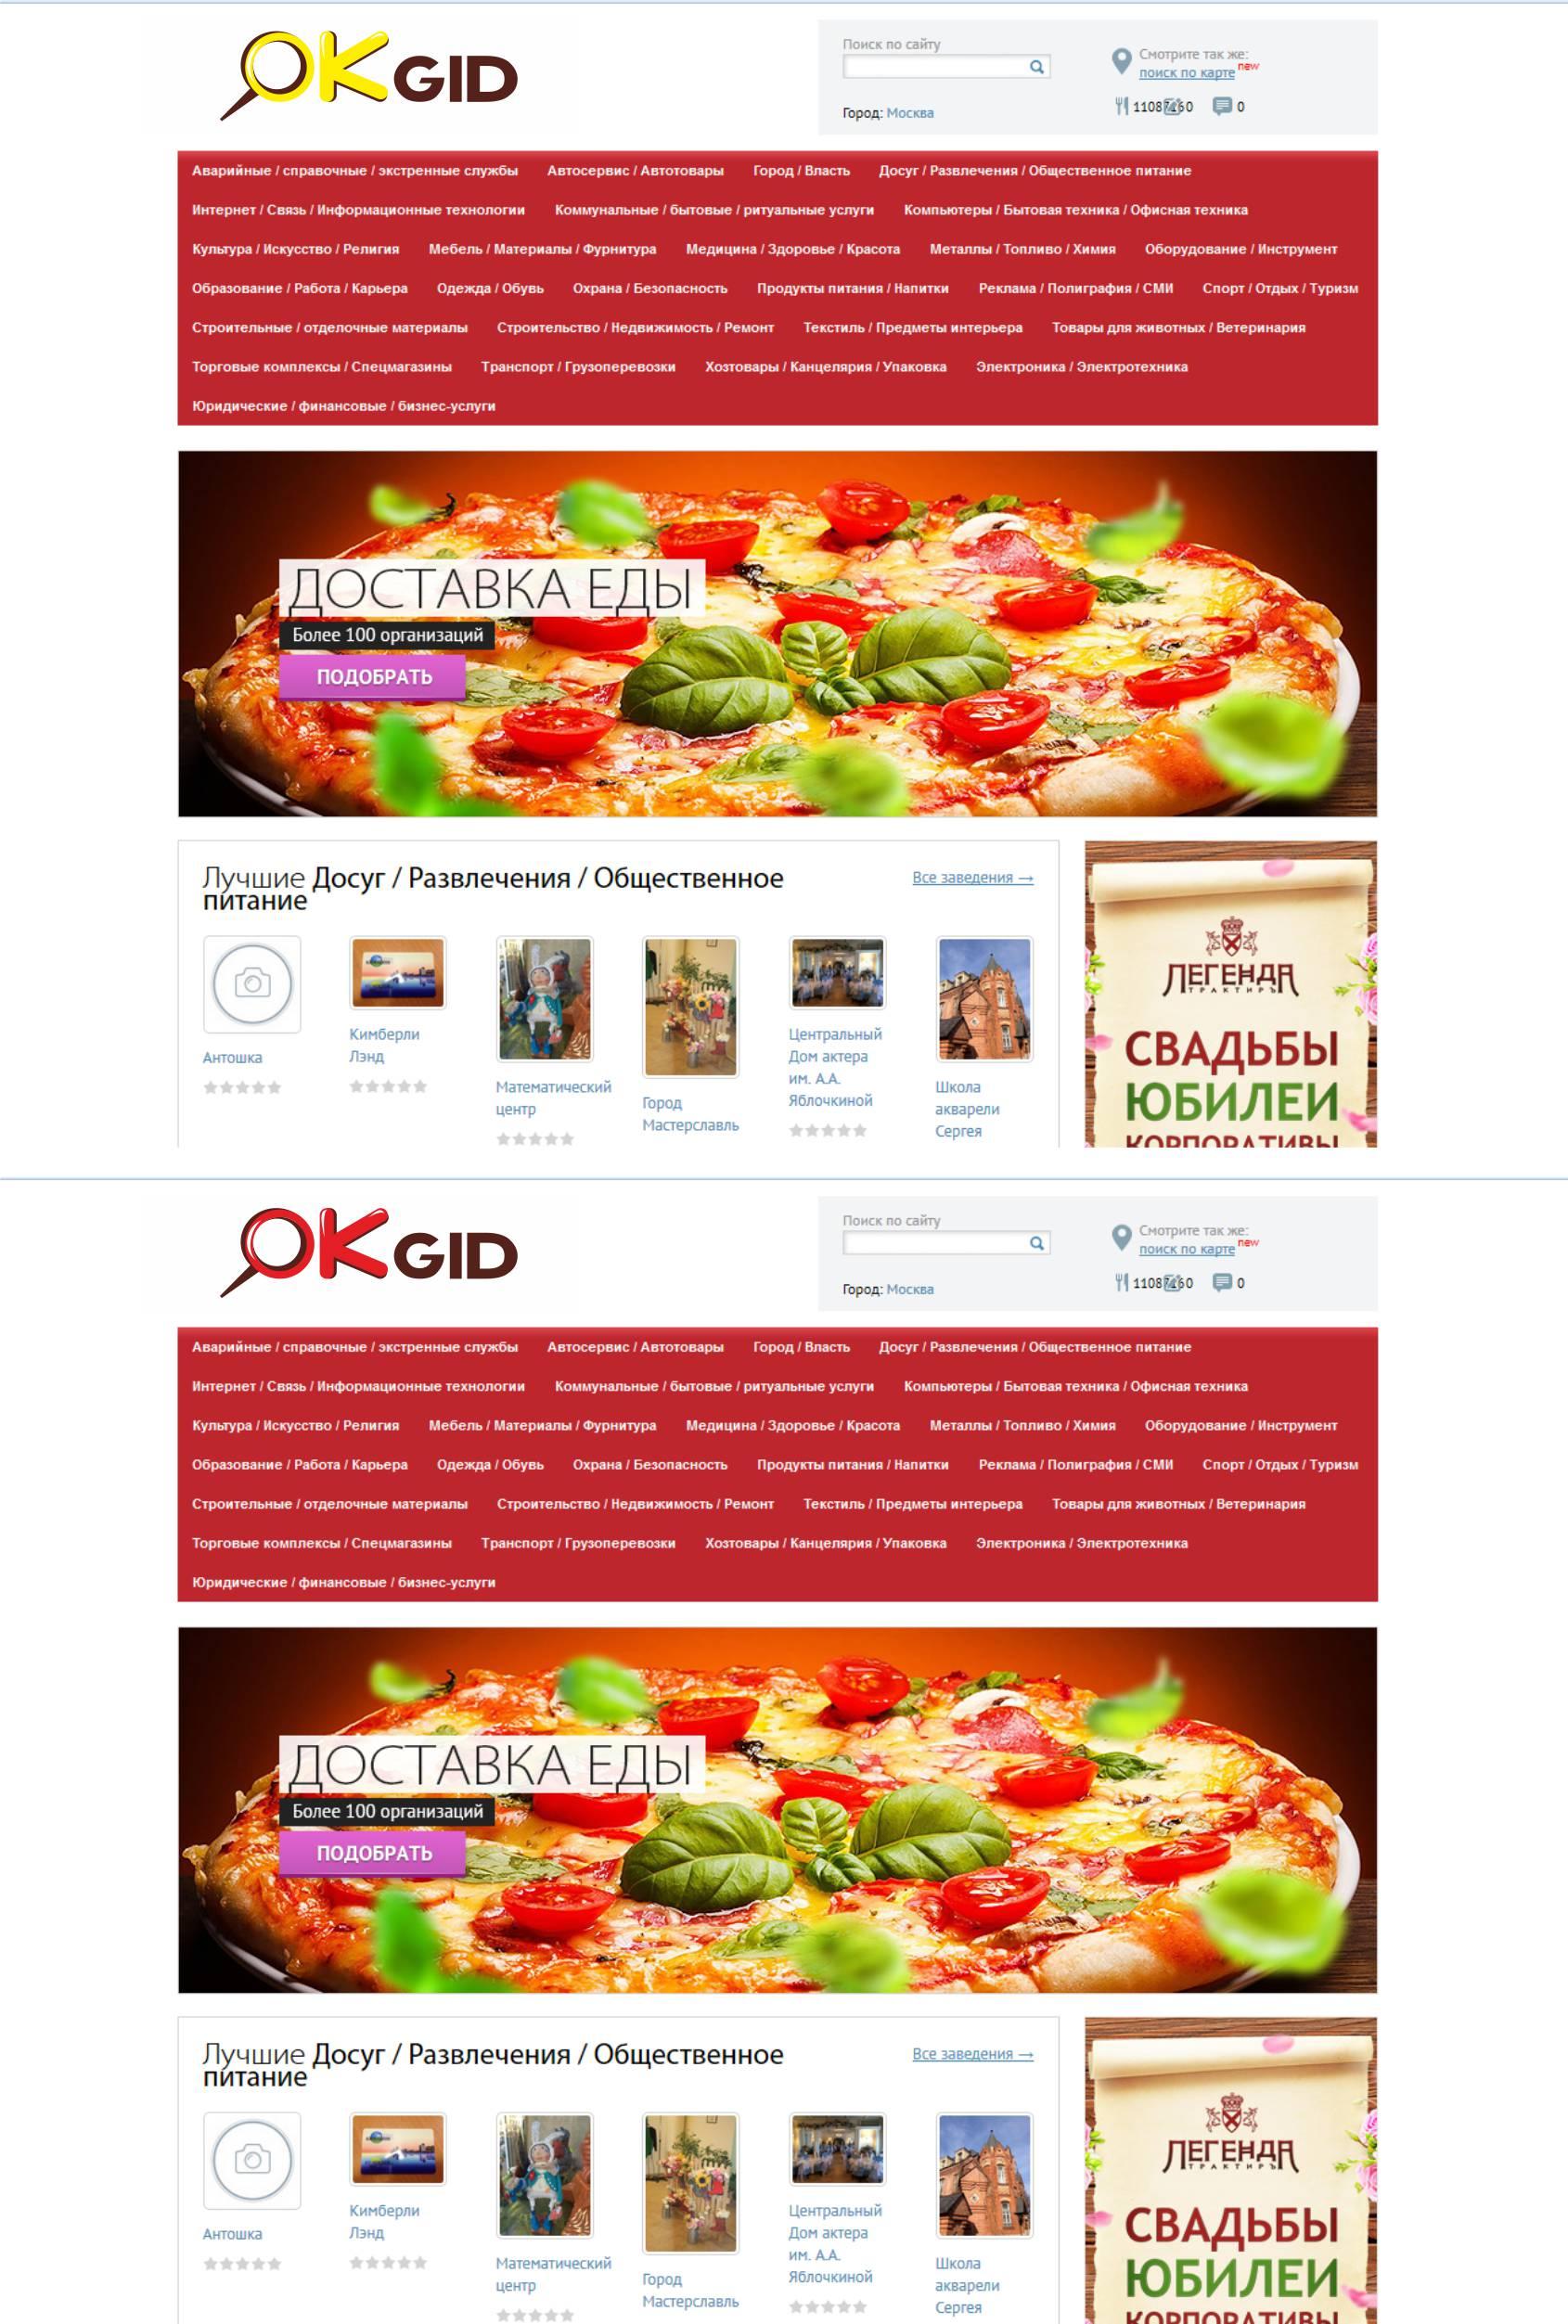 Логотип для сайта OKgid.ru фото f_40157d27dbd5742a.jpg